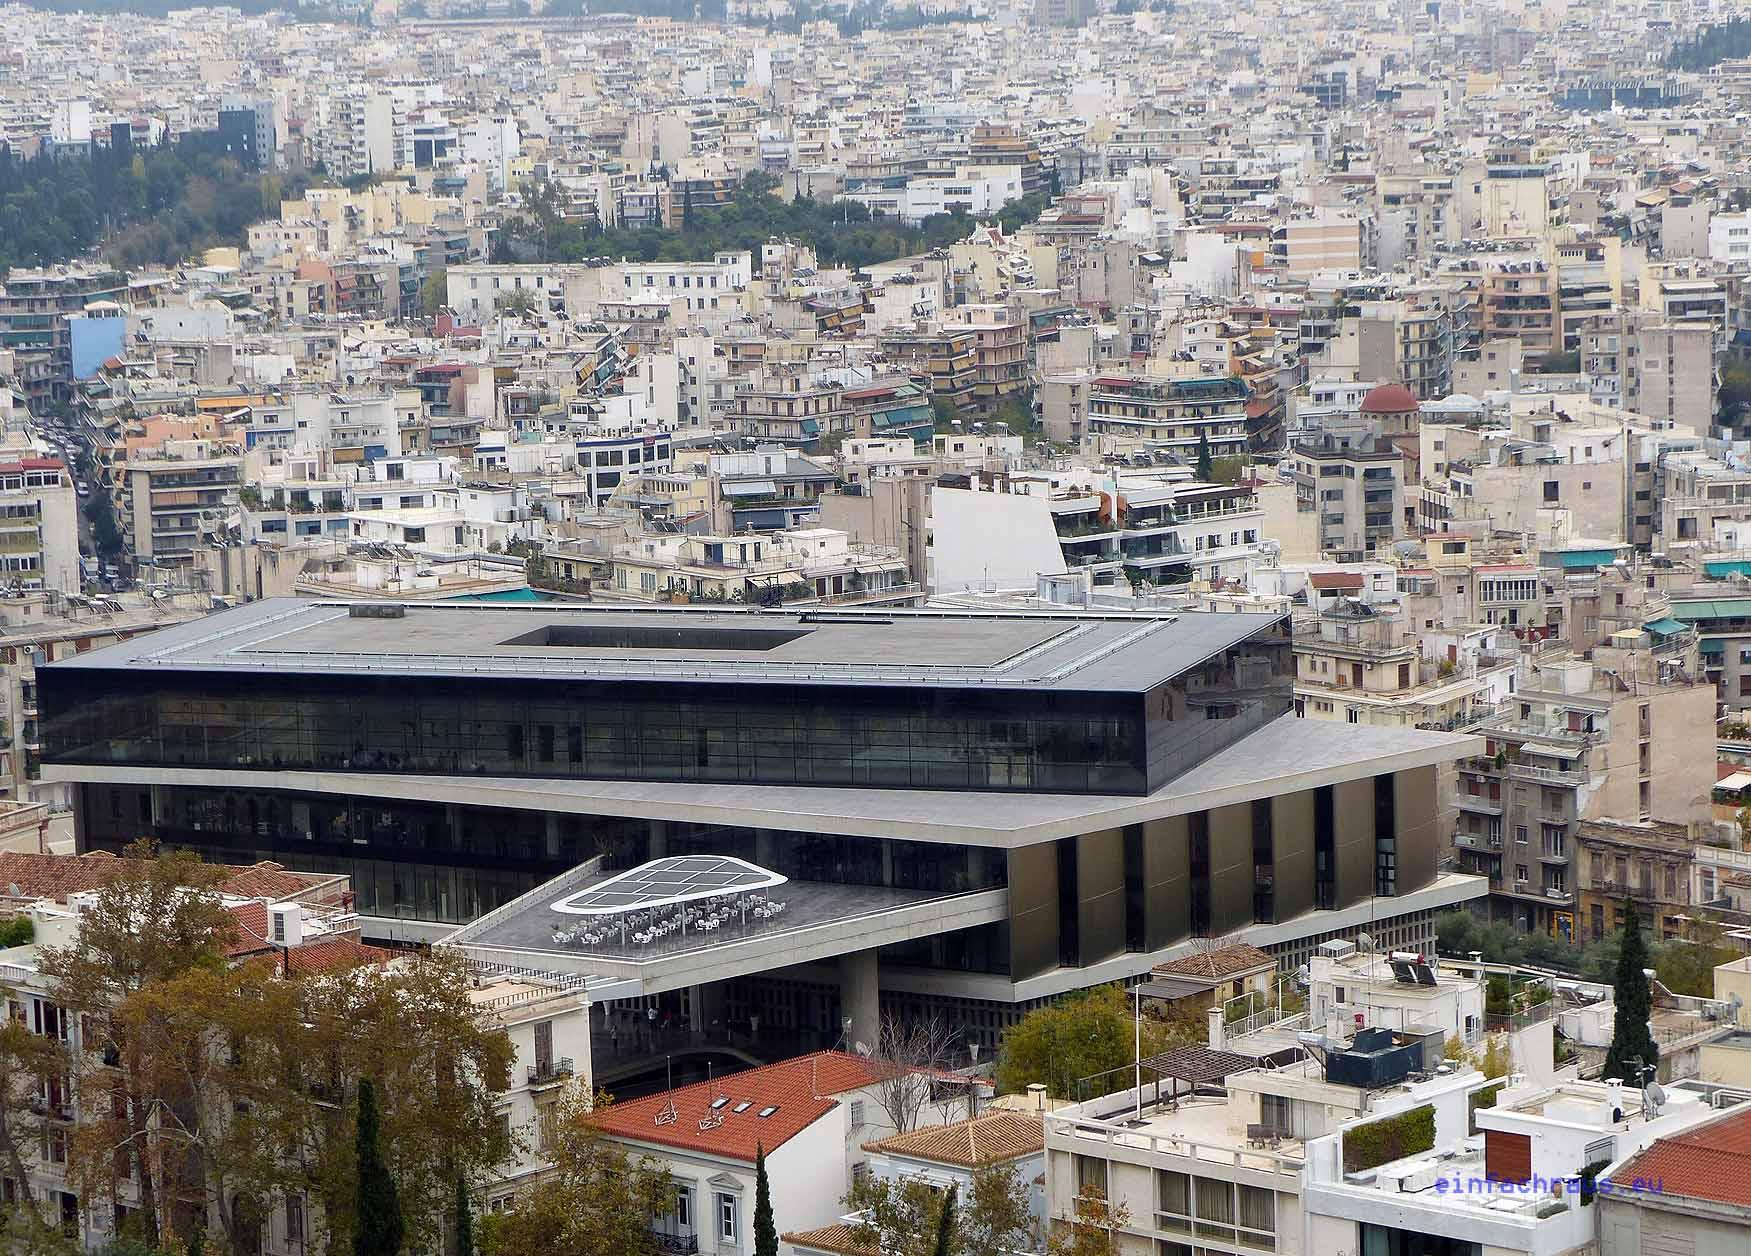 Blick auf das 2009 eröffnete Akropolis-Musuem, nach Plänen des Schweizer Architekten Bernard Tschumi errichtet. Foto: D.Weirauch